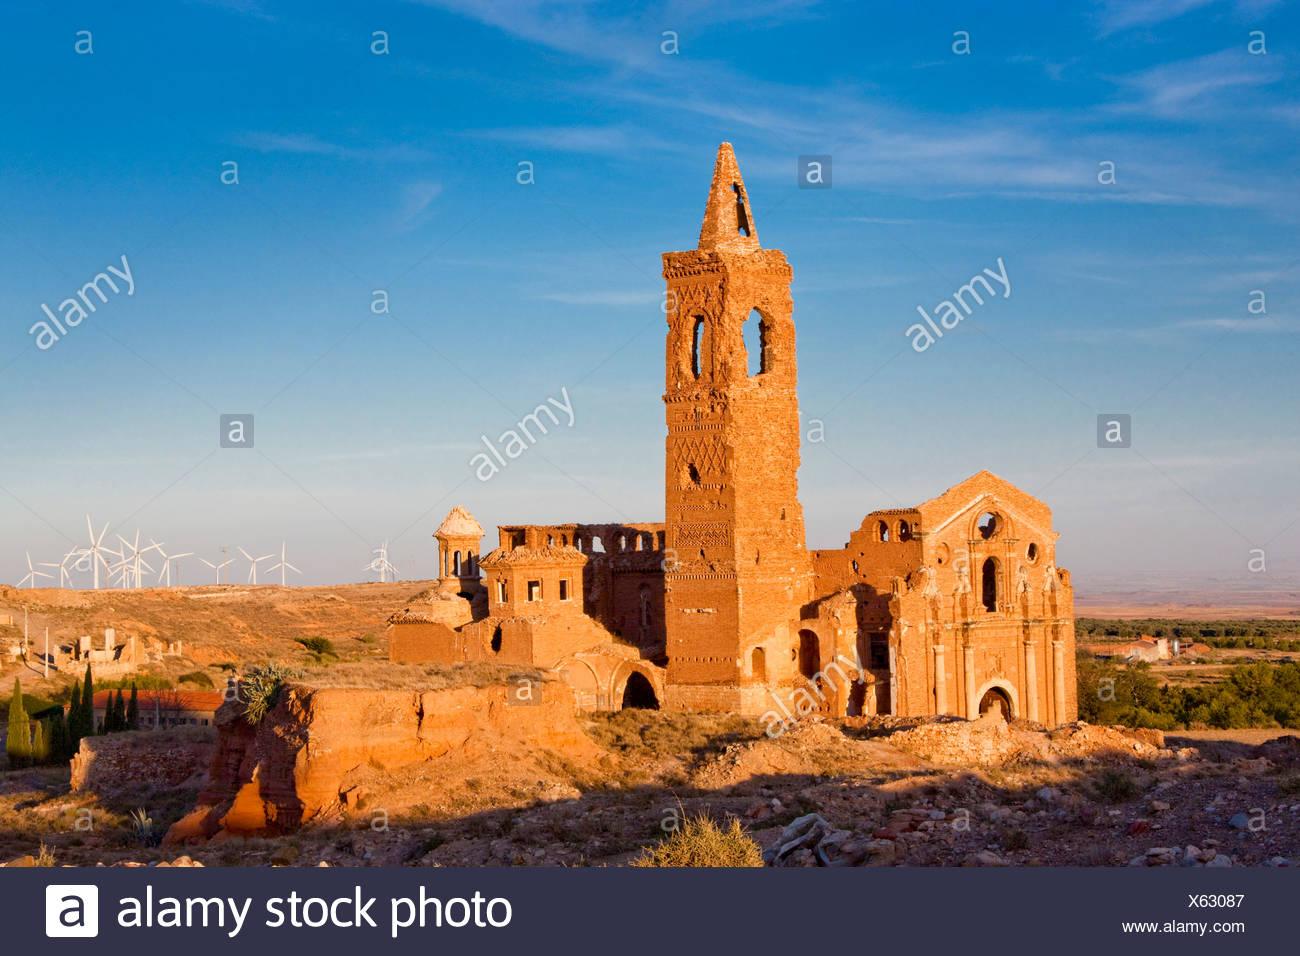 L'Espagne, l'Europe, Aragon, d'éoliennes, l'énergie éolienne, l'éolienne, l'énergie, de Belchite, écologique, ruines, Tour, tour, vieux, nouveau Photo Stock